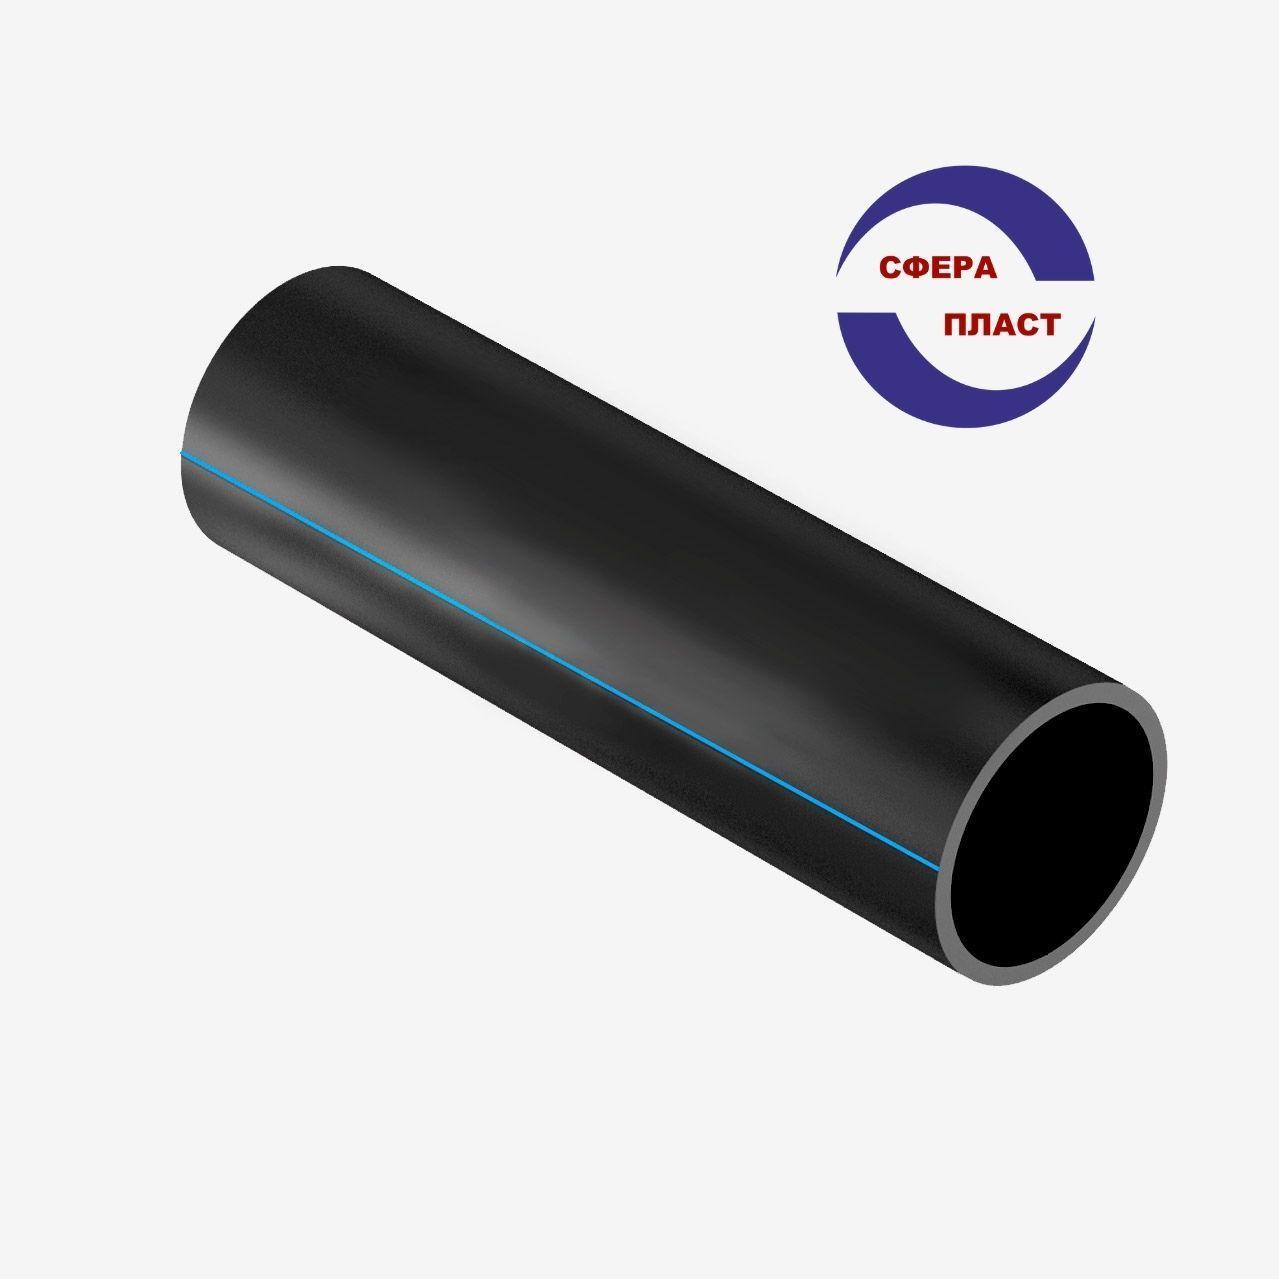 Труба Ду-160x7,7 SDR21 (8 атм) полиэтиленовая ПЭ-100